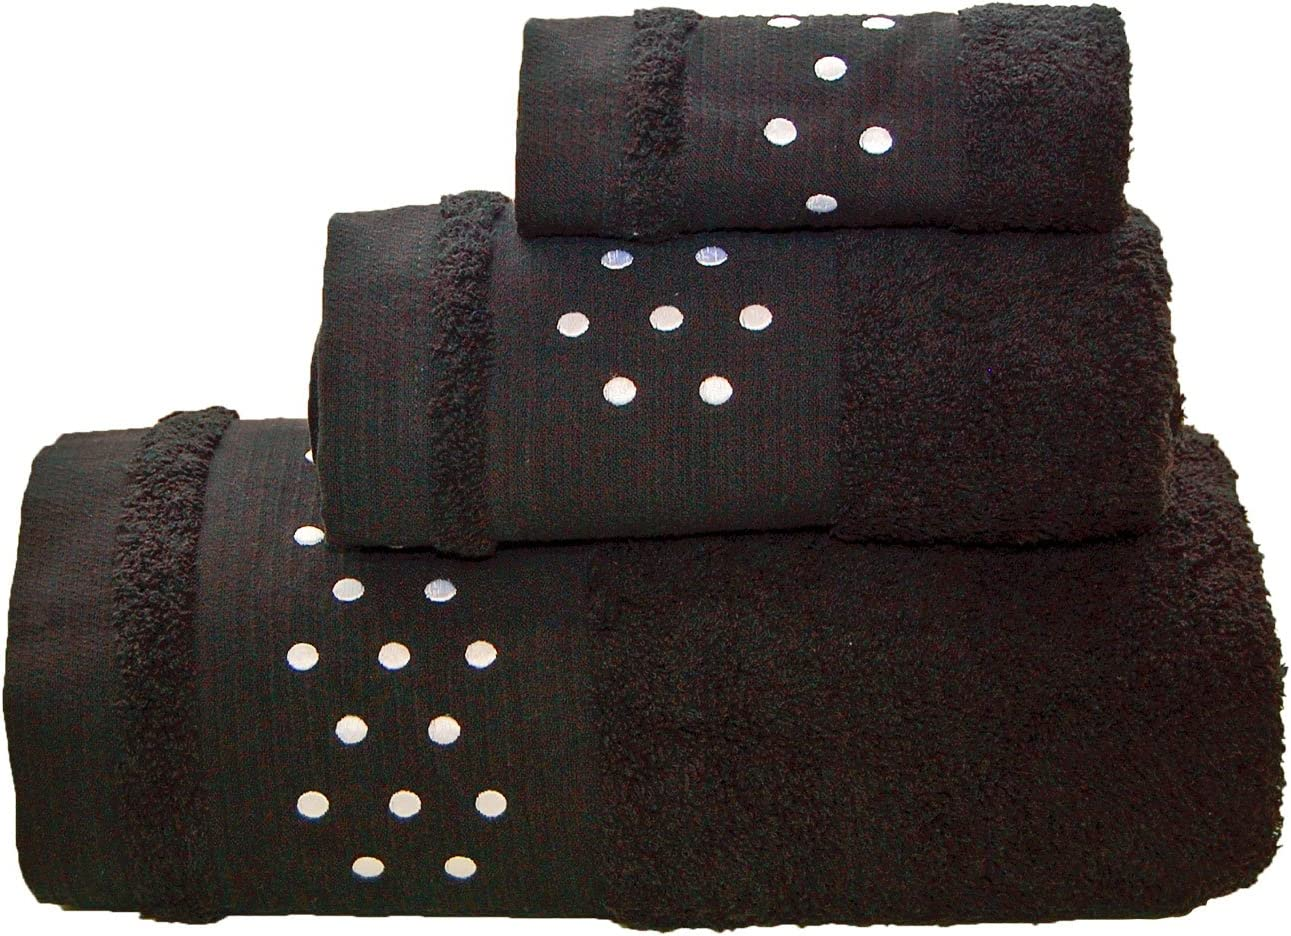 /Juego de toallas de ba/ño W//Blanco y Negro /Toalla de tocador Lunares Toallas De Ba/ño De 3/Piezas/ Toalla de mano +/